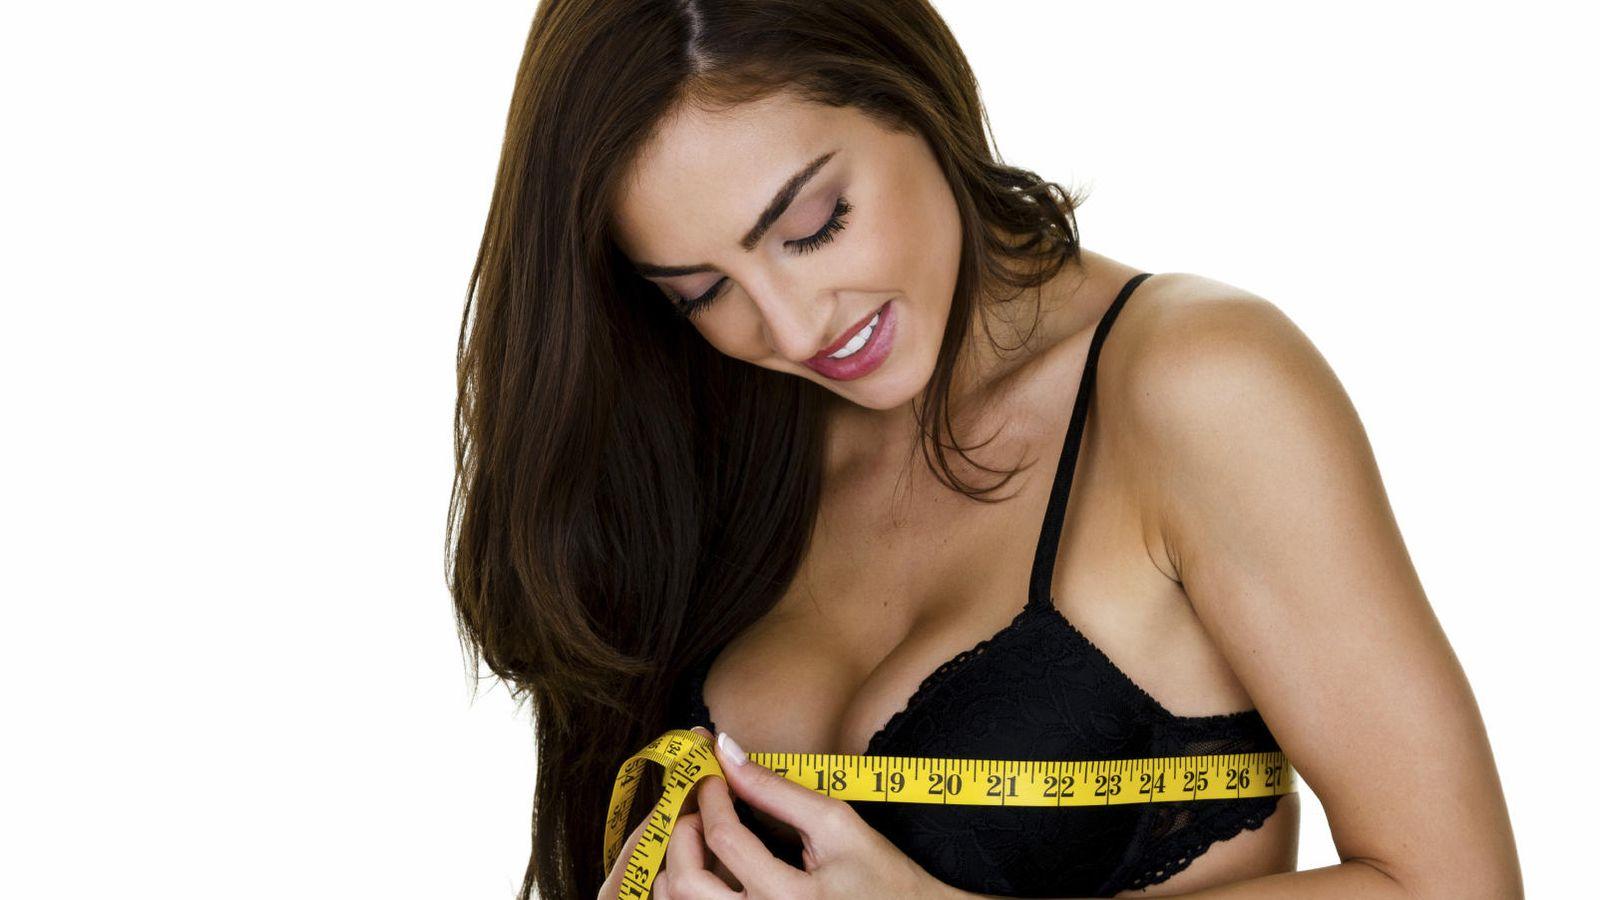 f35353afd1d65 Victoria Secret  Las mujeres tienen un problema con sus pechos